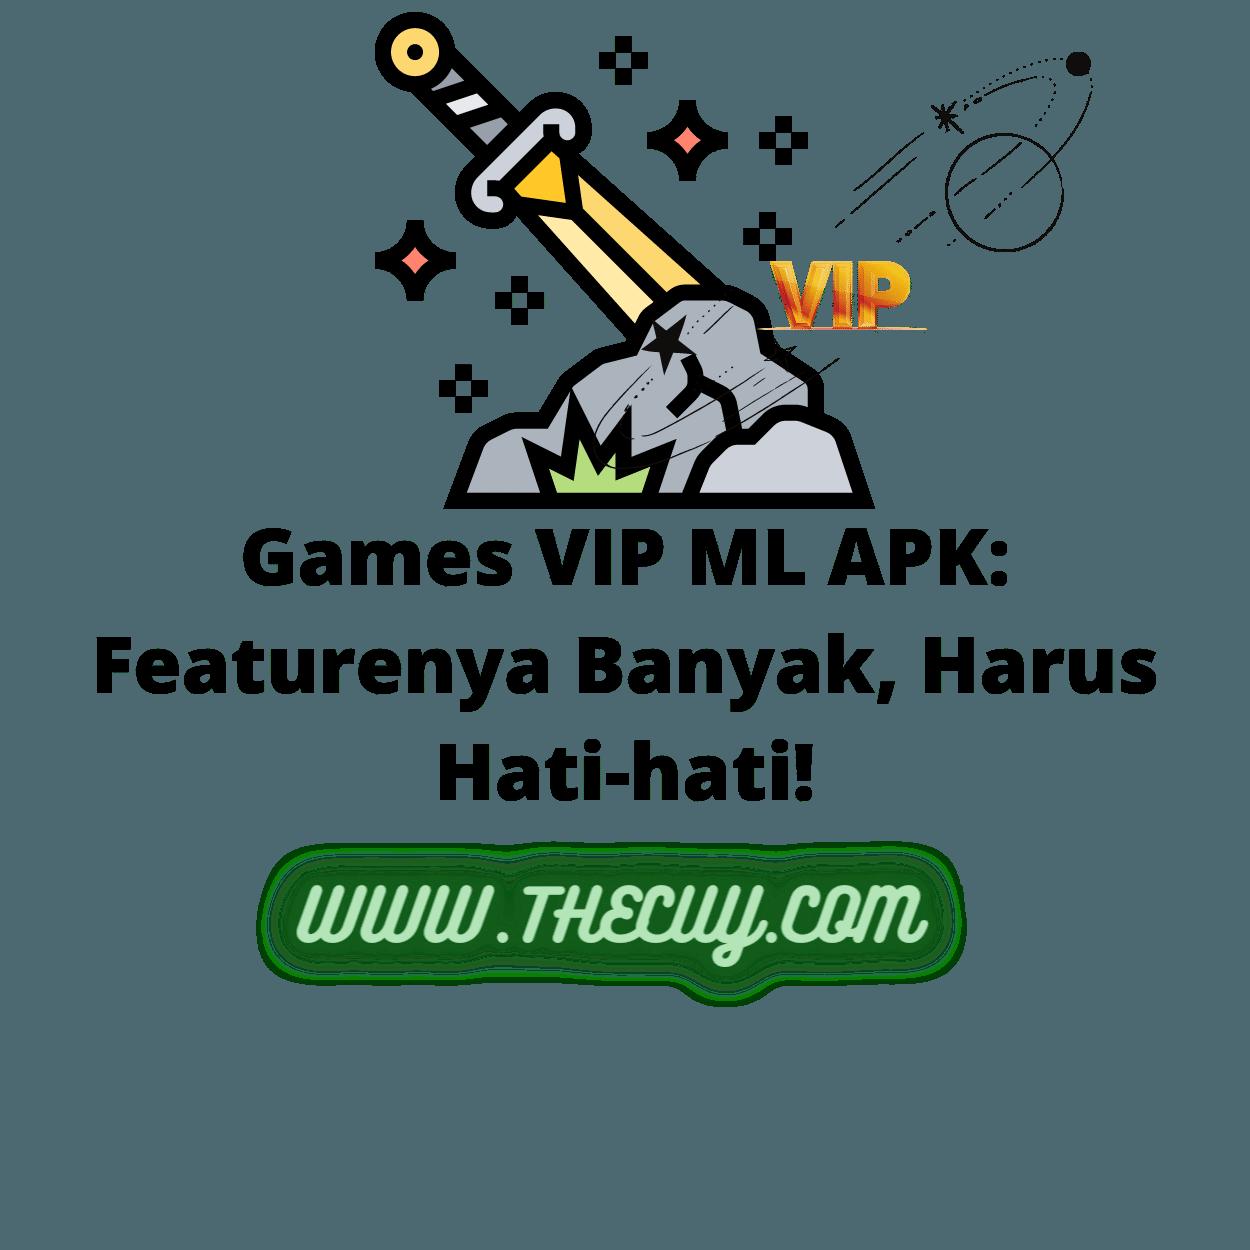 Games VIP ML APK: Featurenya Banyak, Harus Hati-hati!